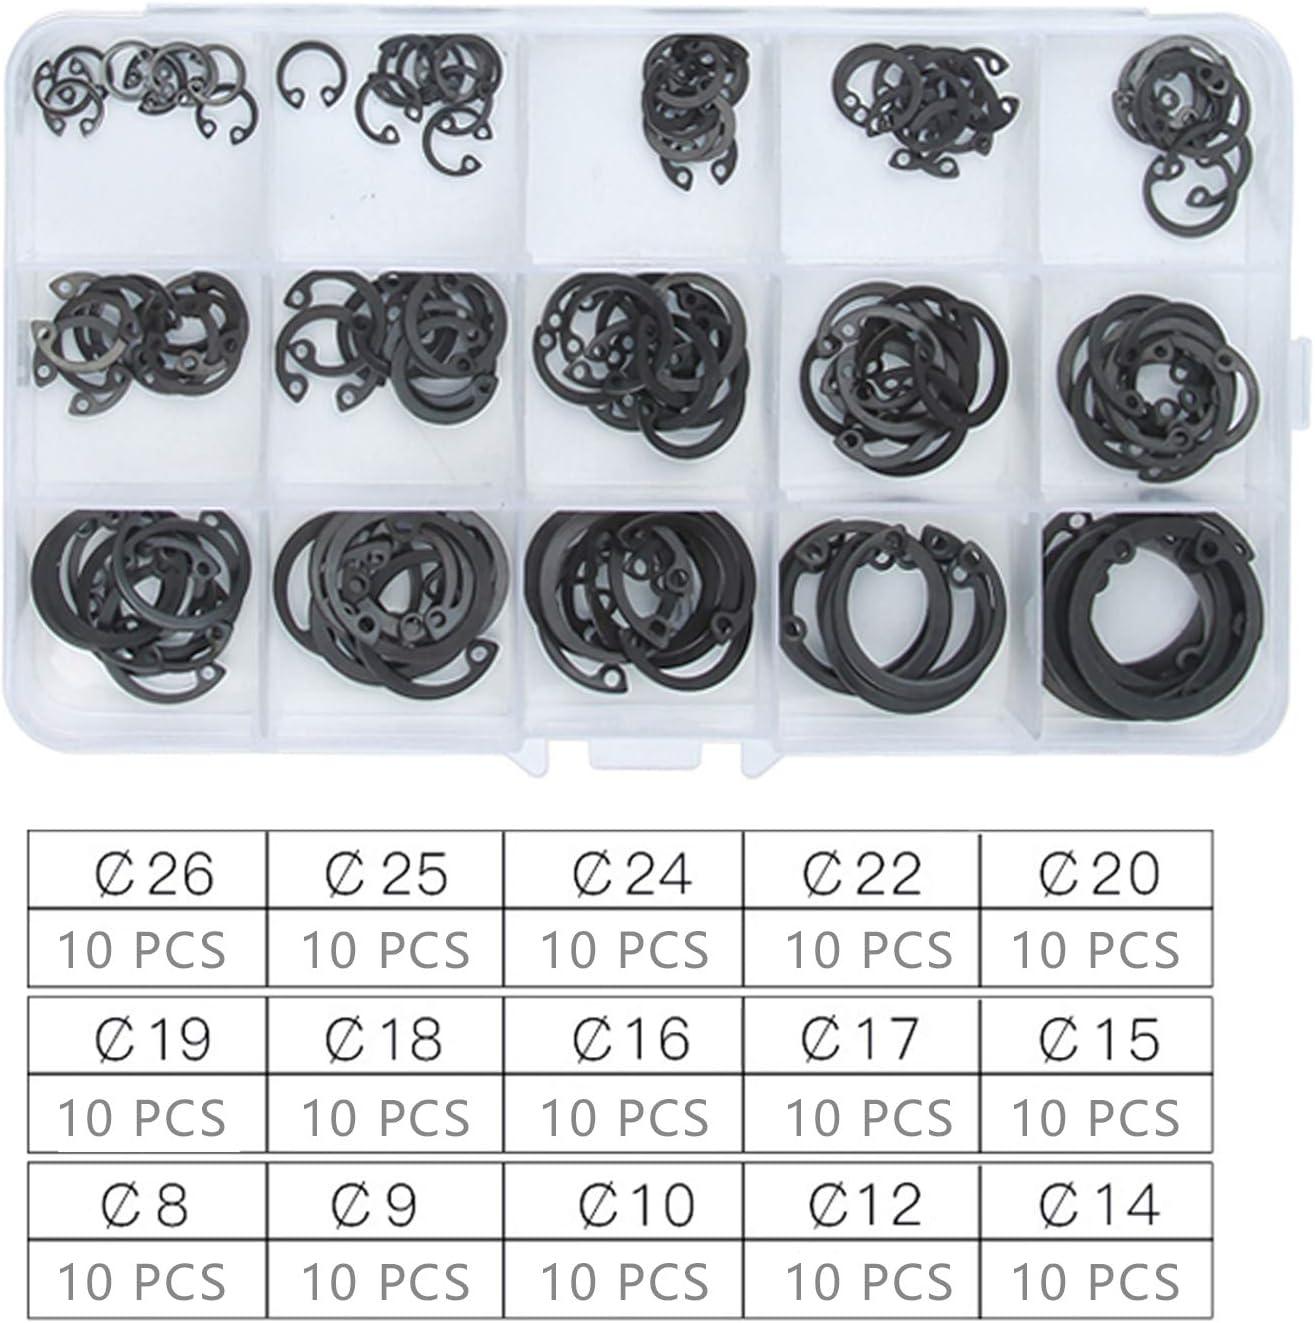 M1.5-M15 215 Pi/èces Bagues Darr/êt Circlips E-clip Circlips Exterieur Tyelany Circlips Assortiment 14 Tailles Diff/érentes Adapt/ées /à de Nombreuses Situations avec une Bo/îte en Plastique